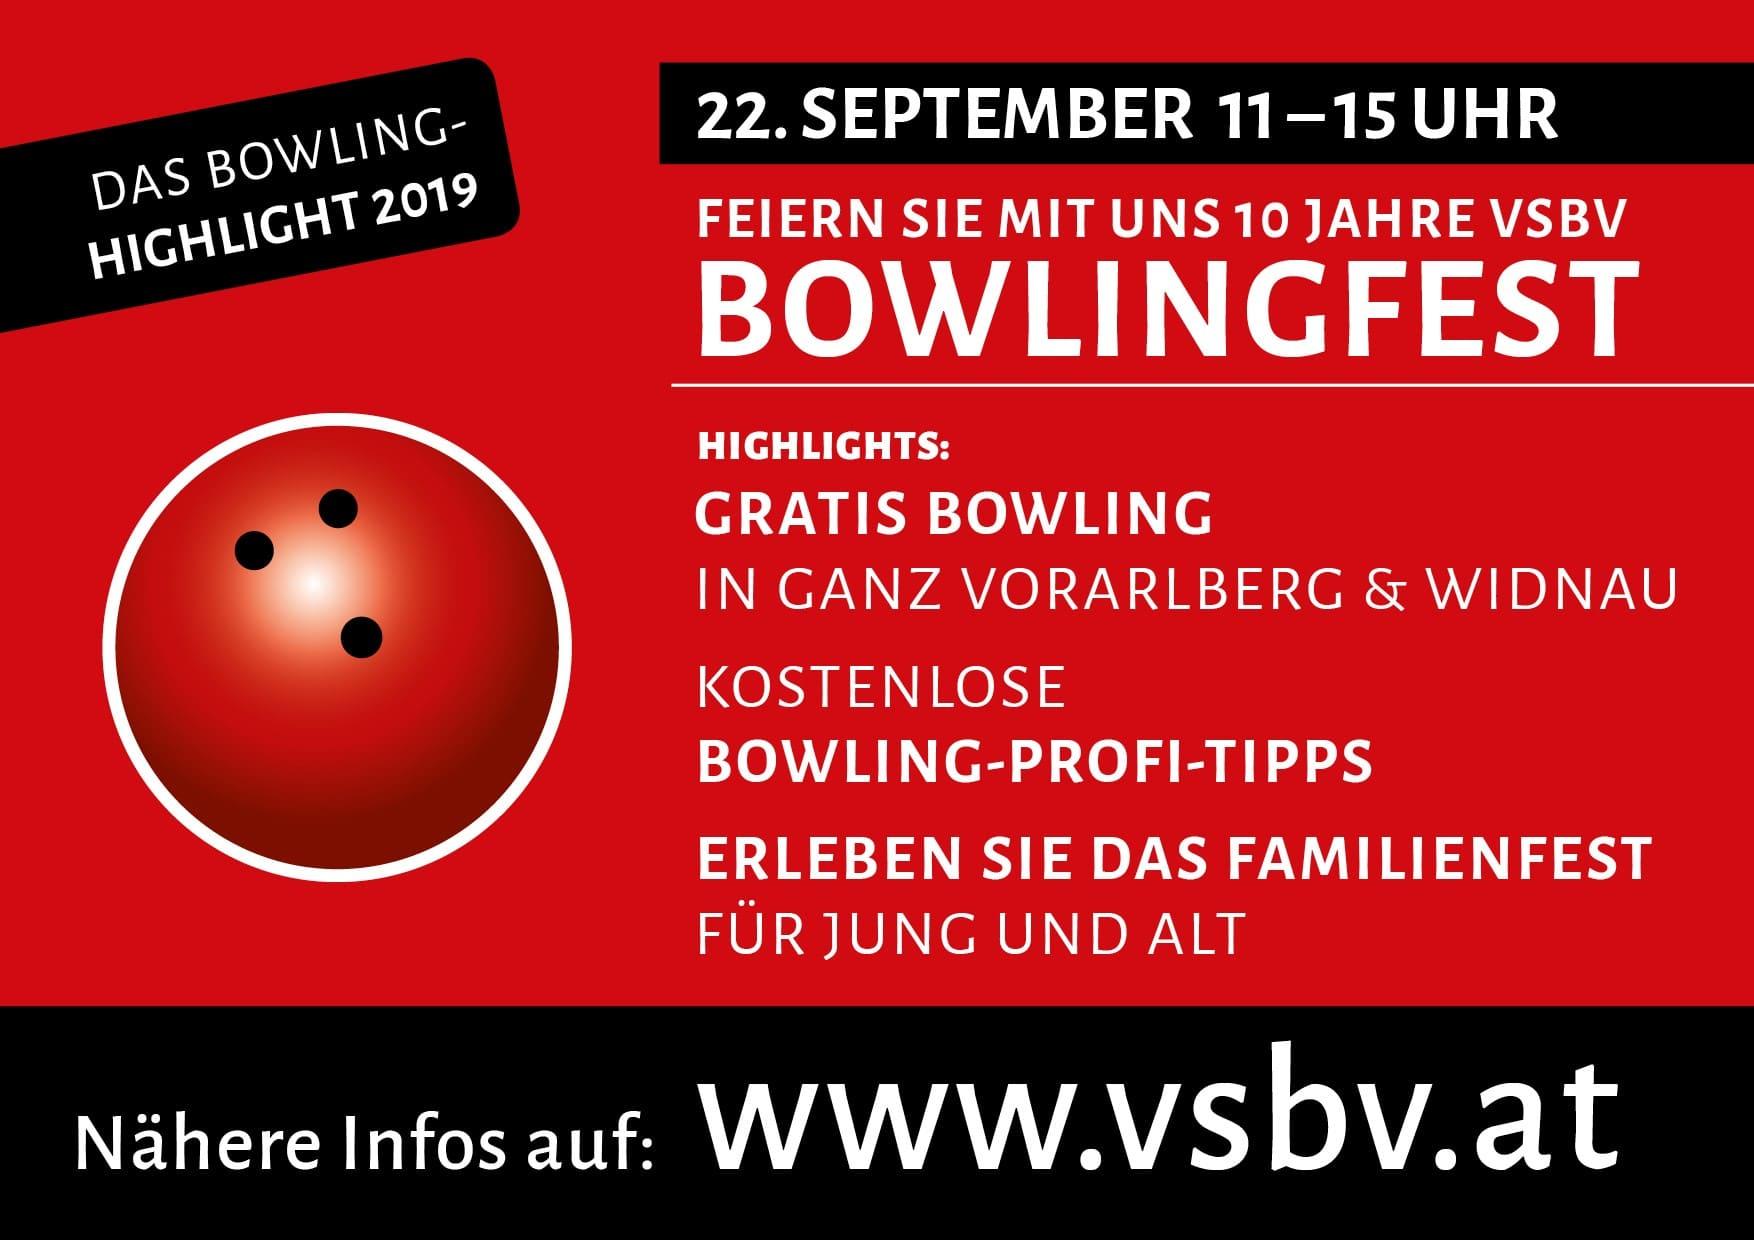 Bowlingfest 2019